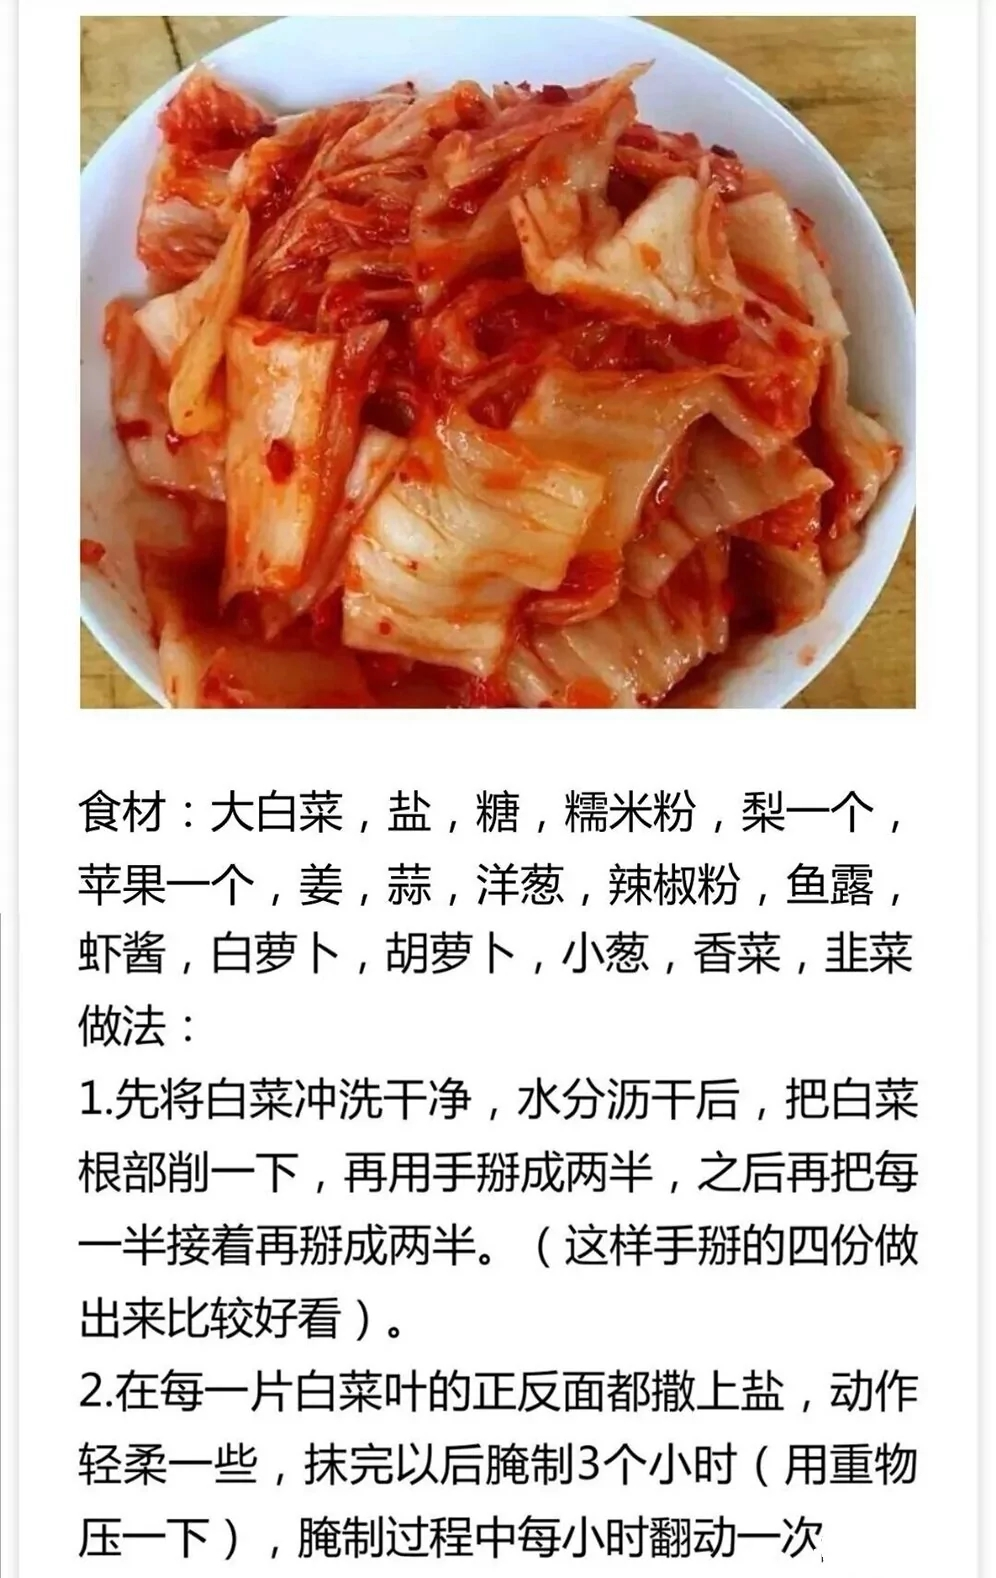 咸菜做法及配料 美食做法 第6张